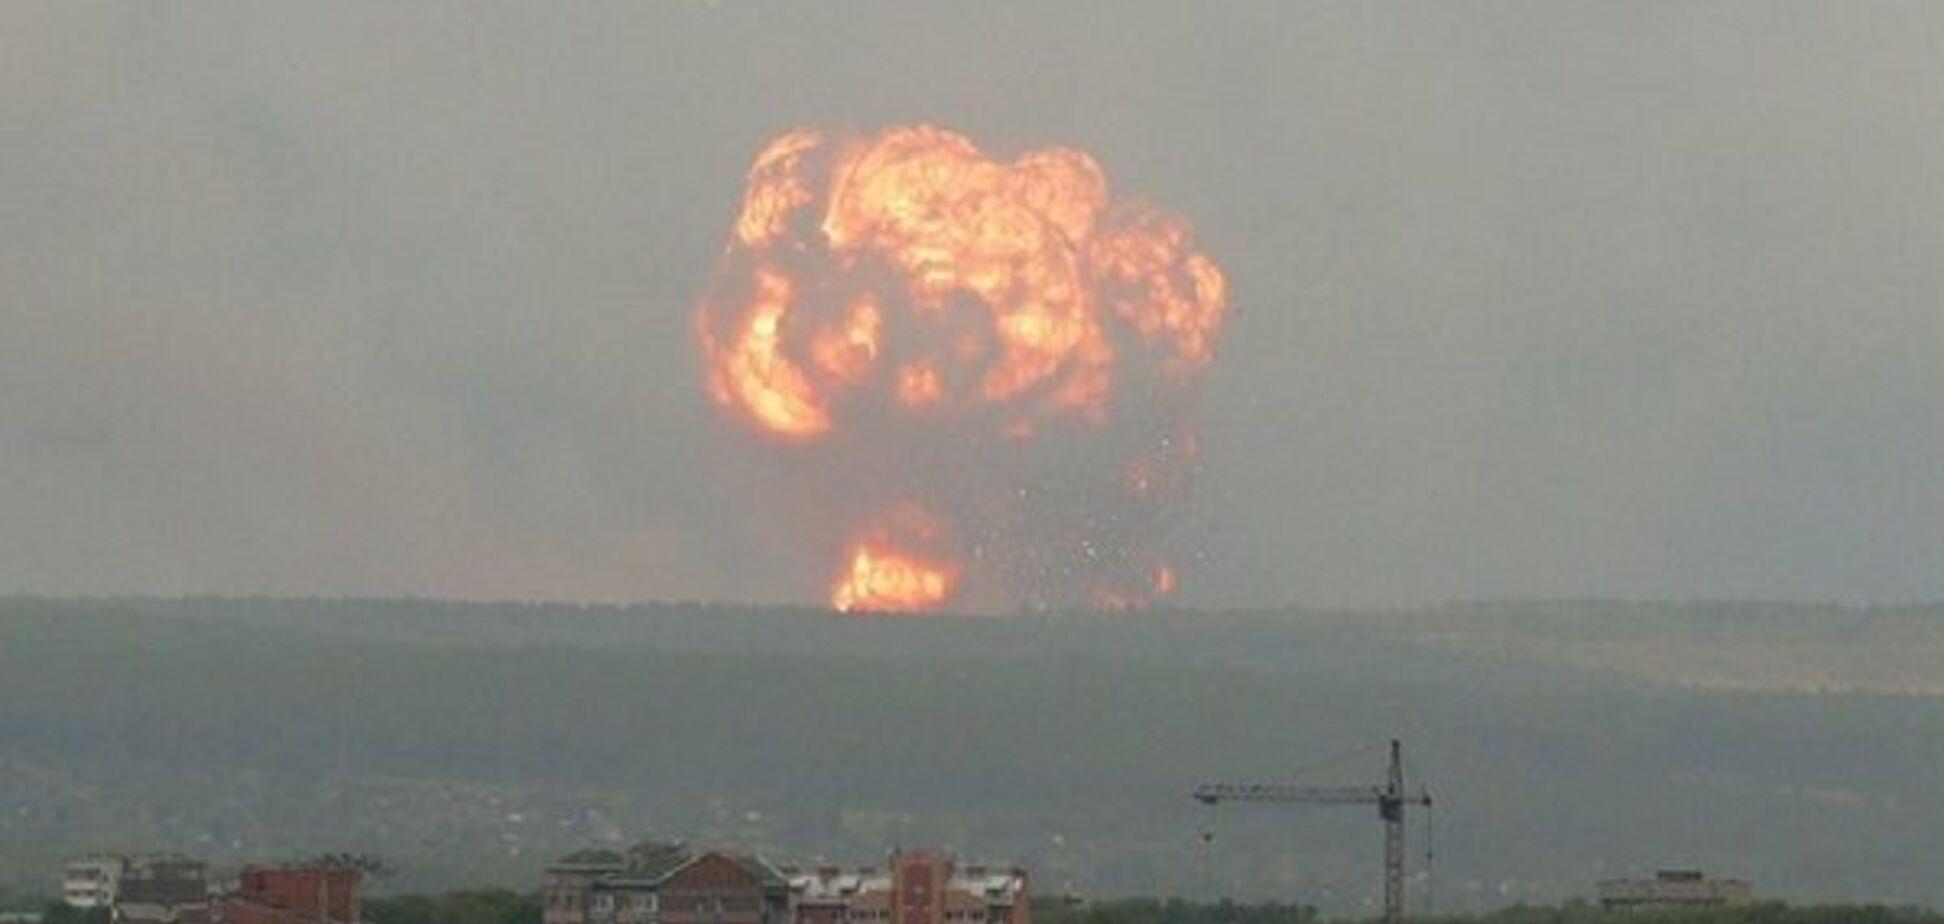 Ударила блискавка? У Росії пролунали нові вибухи на арсеналі зі зброєю: багато поранених